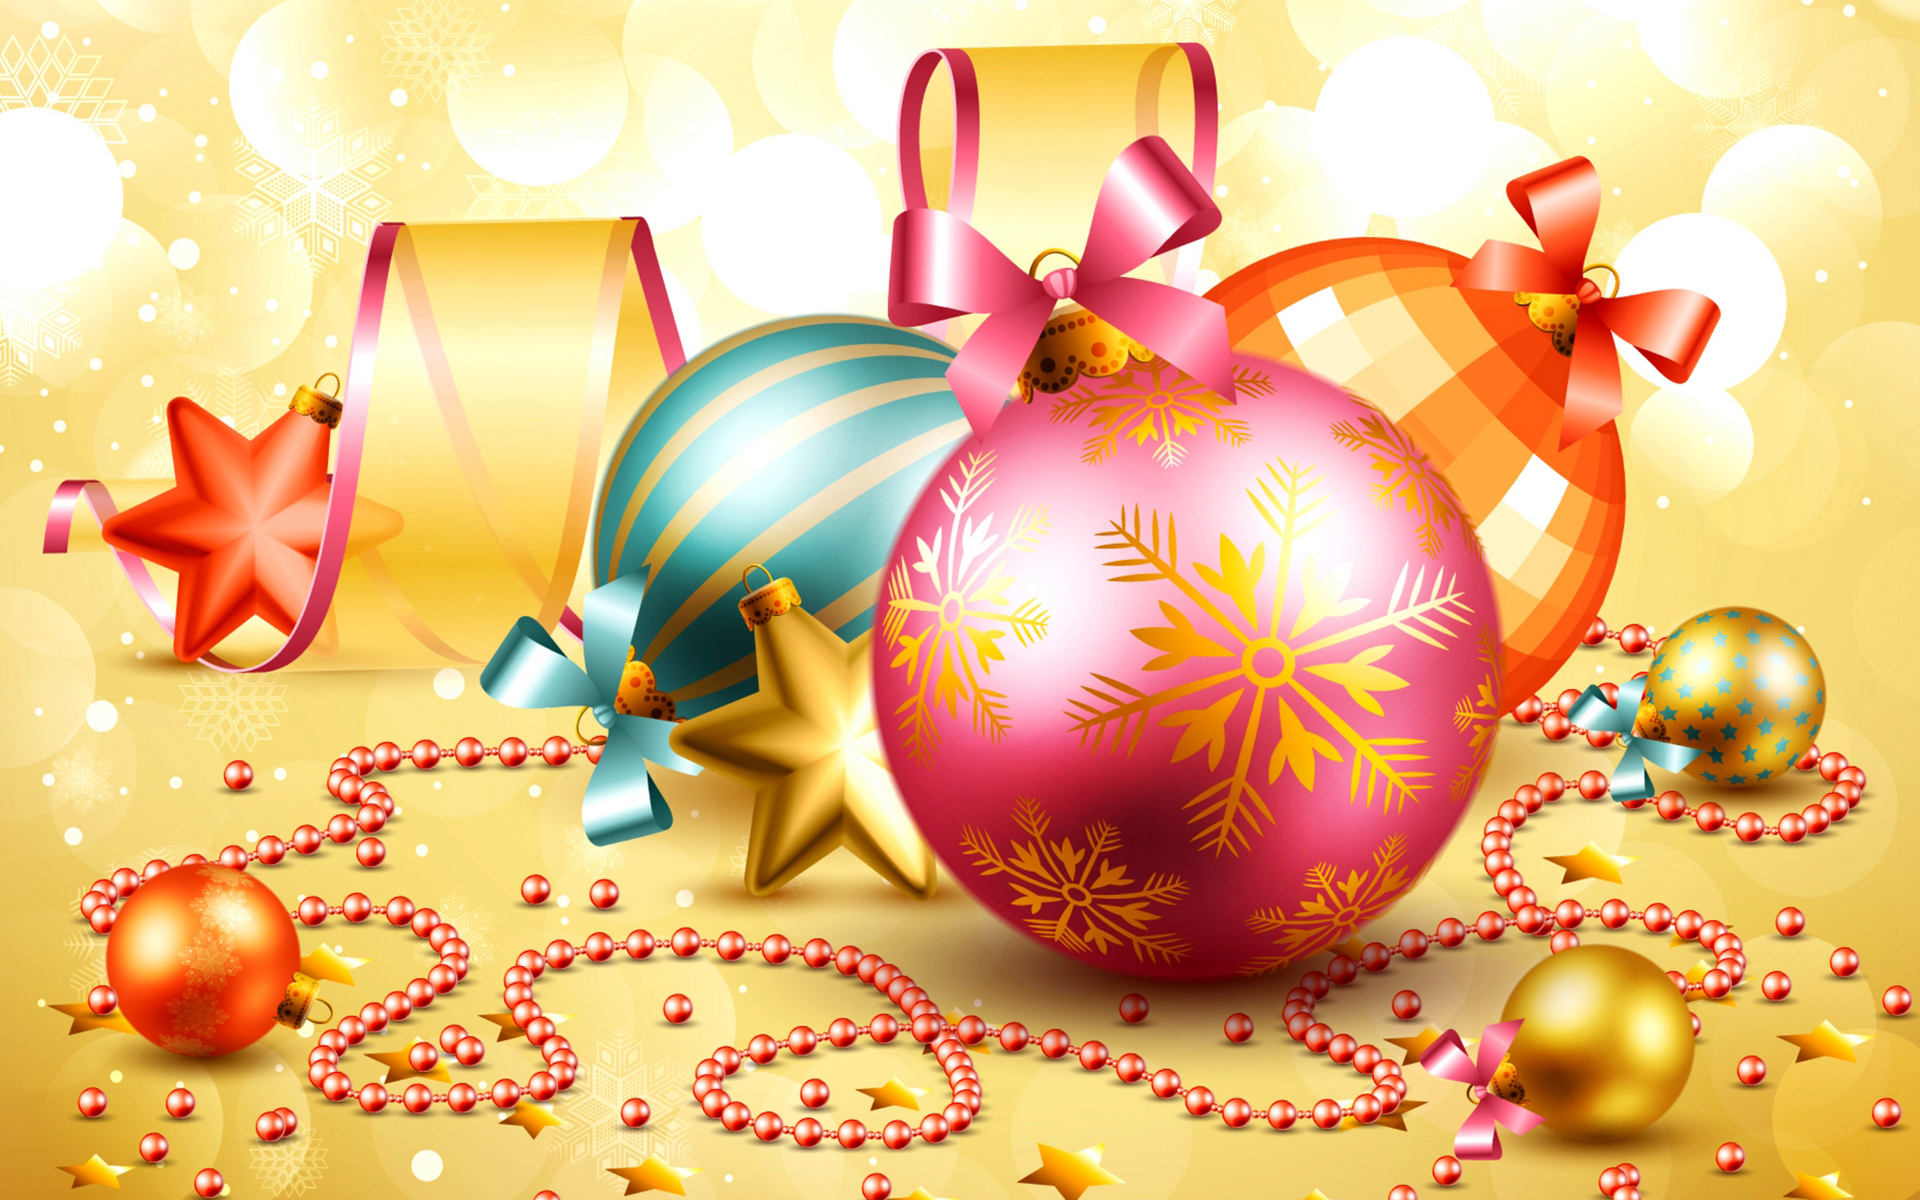 новый год картинки шарики года